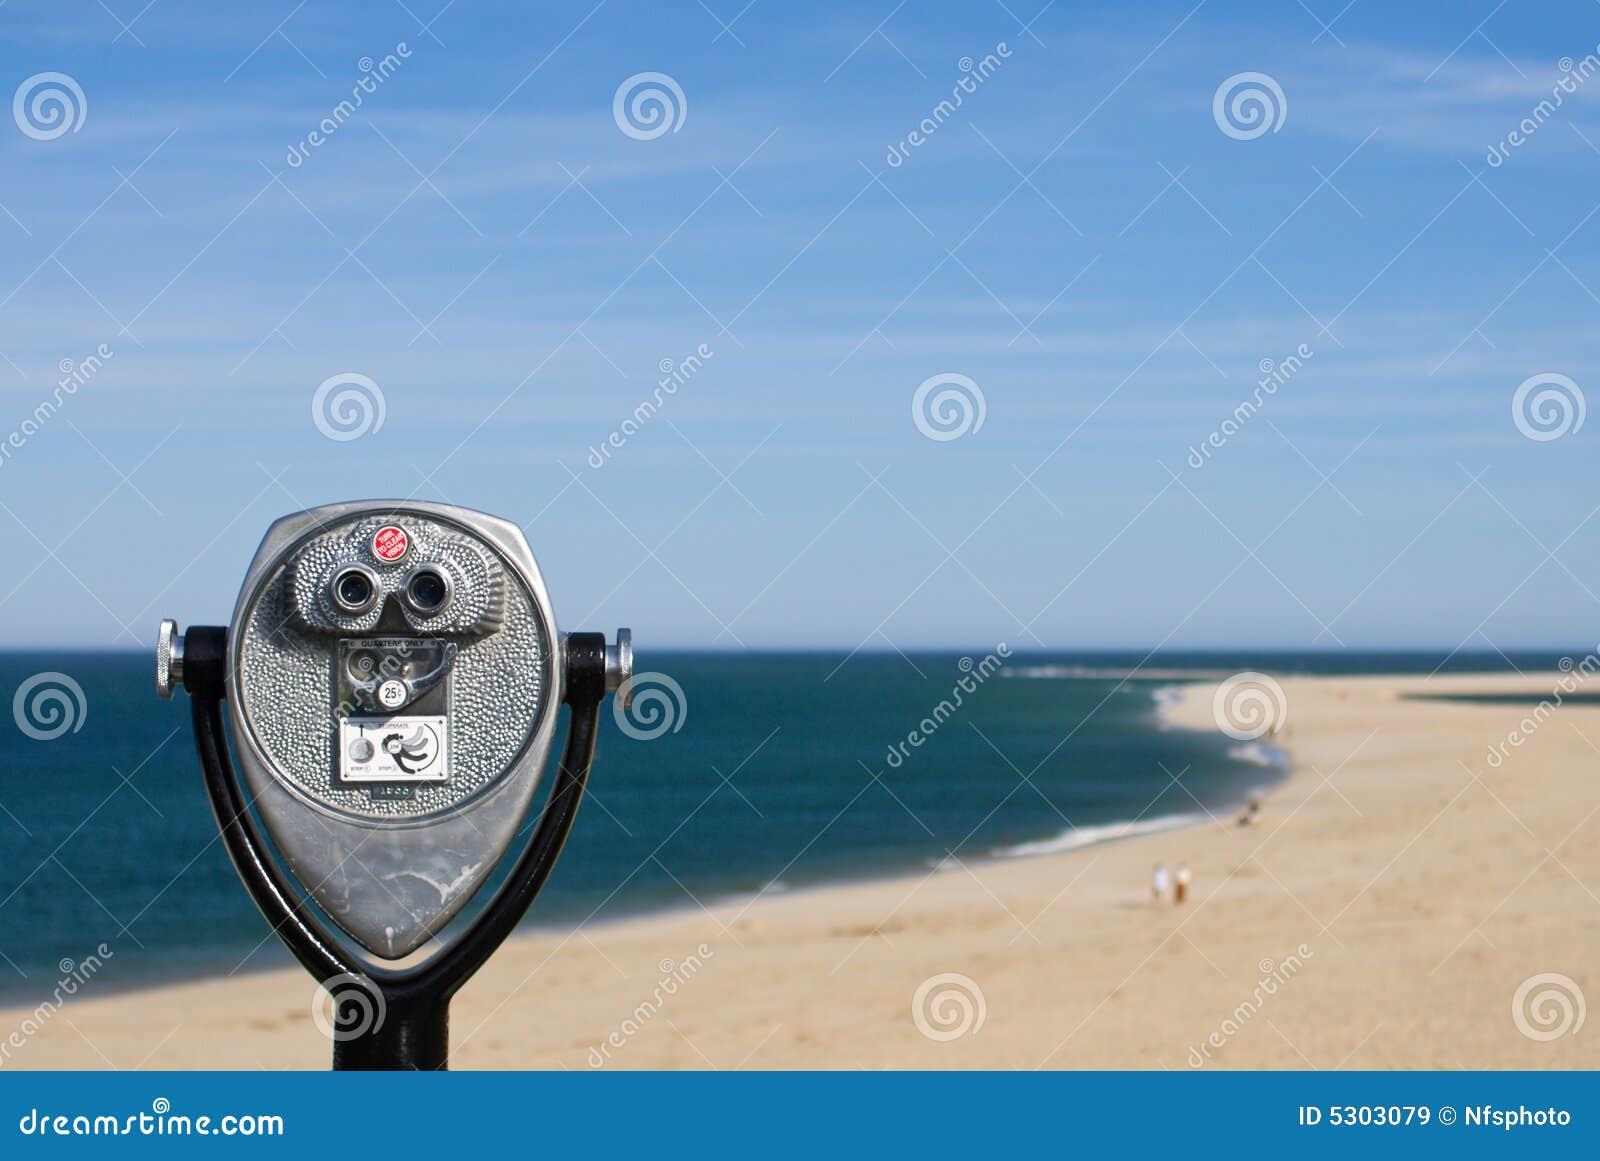 Download Binocolo A Gettoni Per L'osservazione Della Spiaggia Immagine Stock - Immagine di telescopio, paga: 5303079